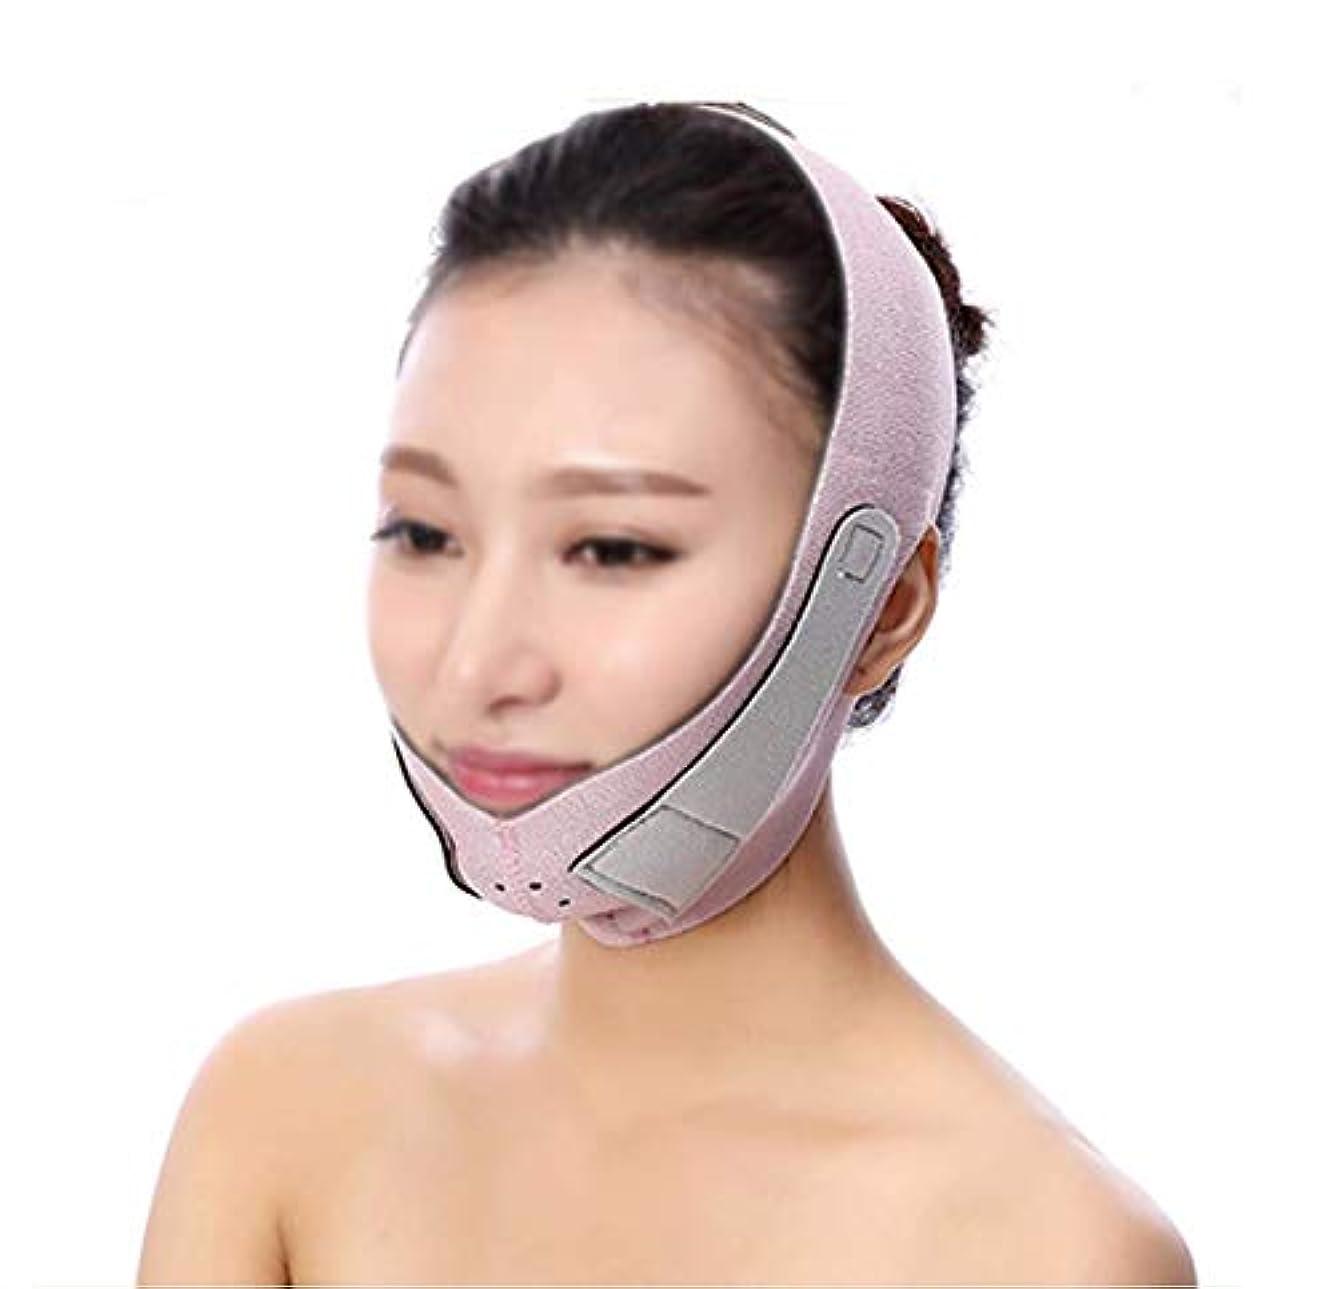 することになっているアルプス資金薄い顔の包帯スモールVフェイスアーティファクト男性と女性フェイスリフトアーティファクト強力なアップグレードスモールVフェイスマスクフェイスマッサージャーローラーバンデージダブルチン日本(色:A)